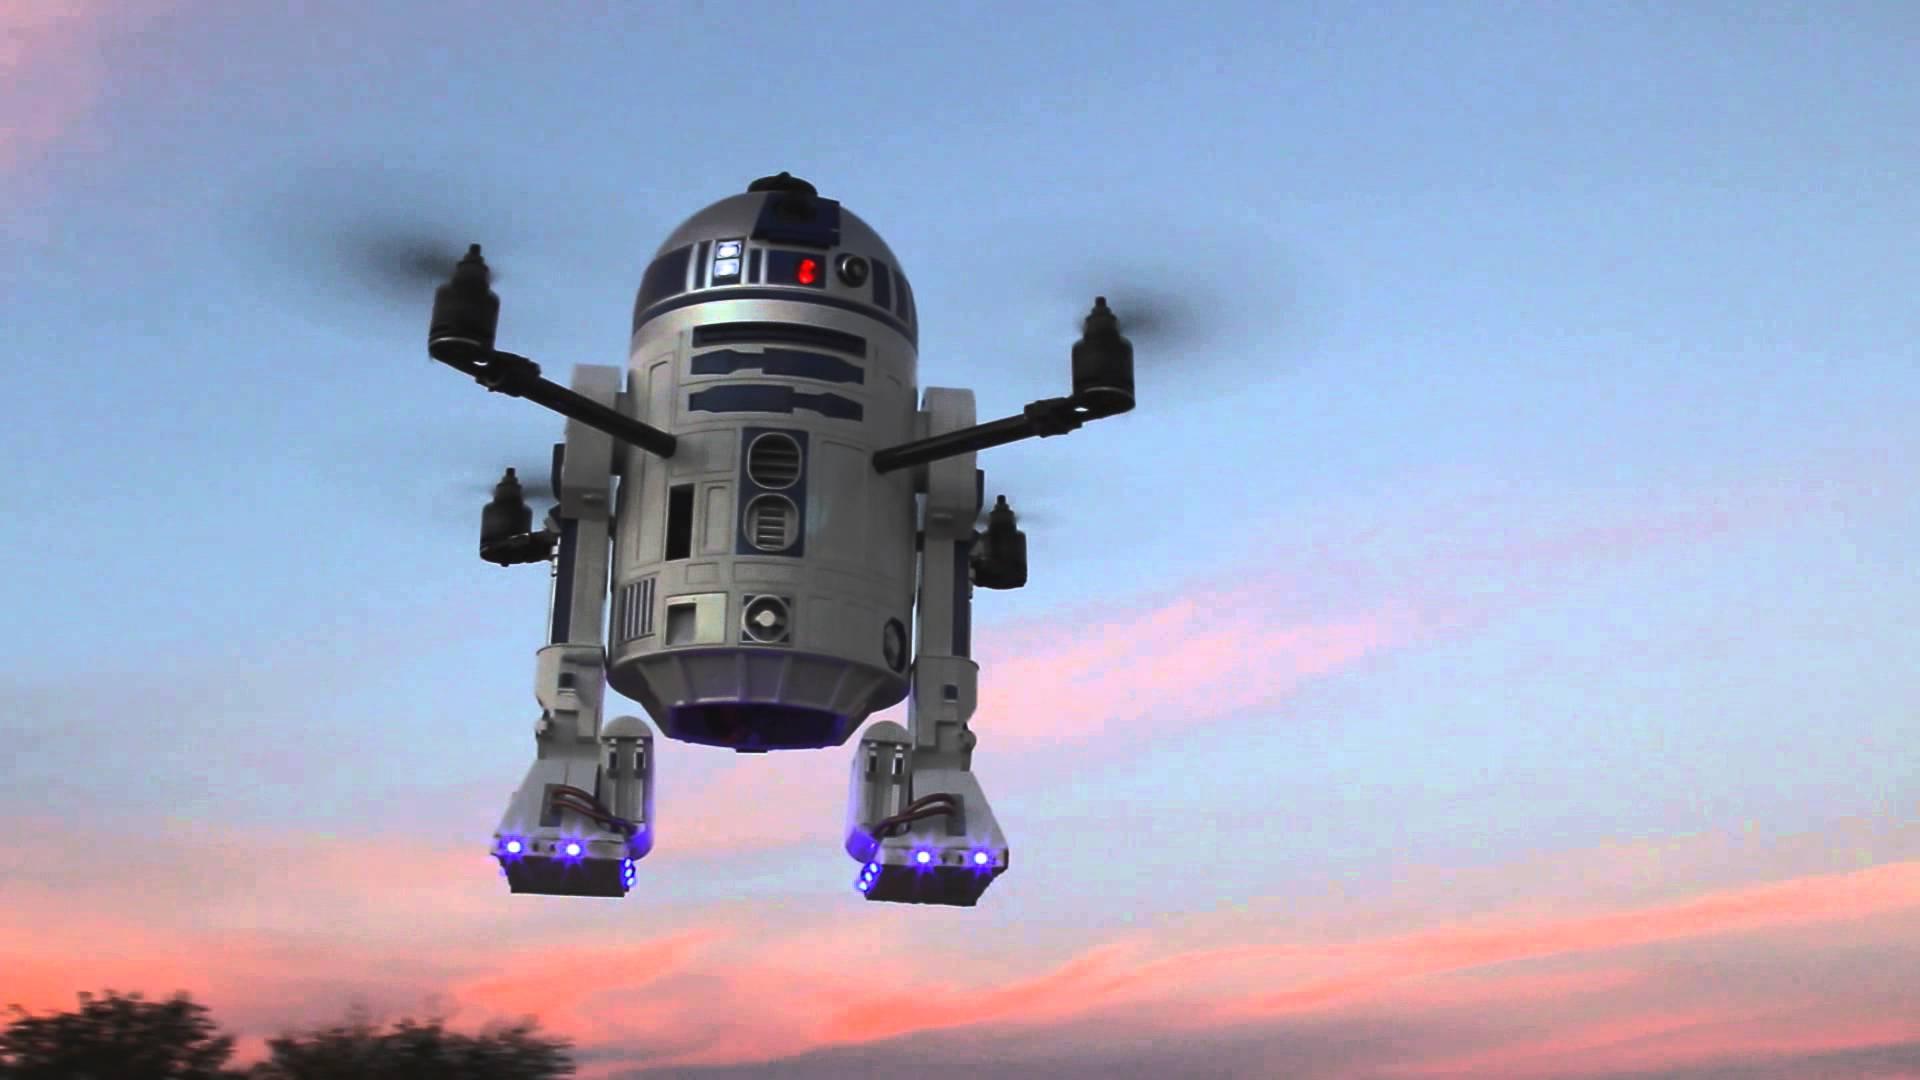 Le drone R2D2